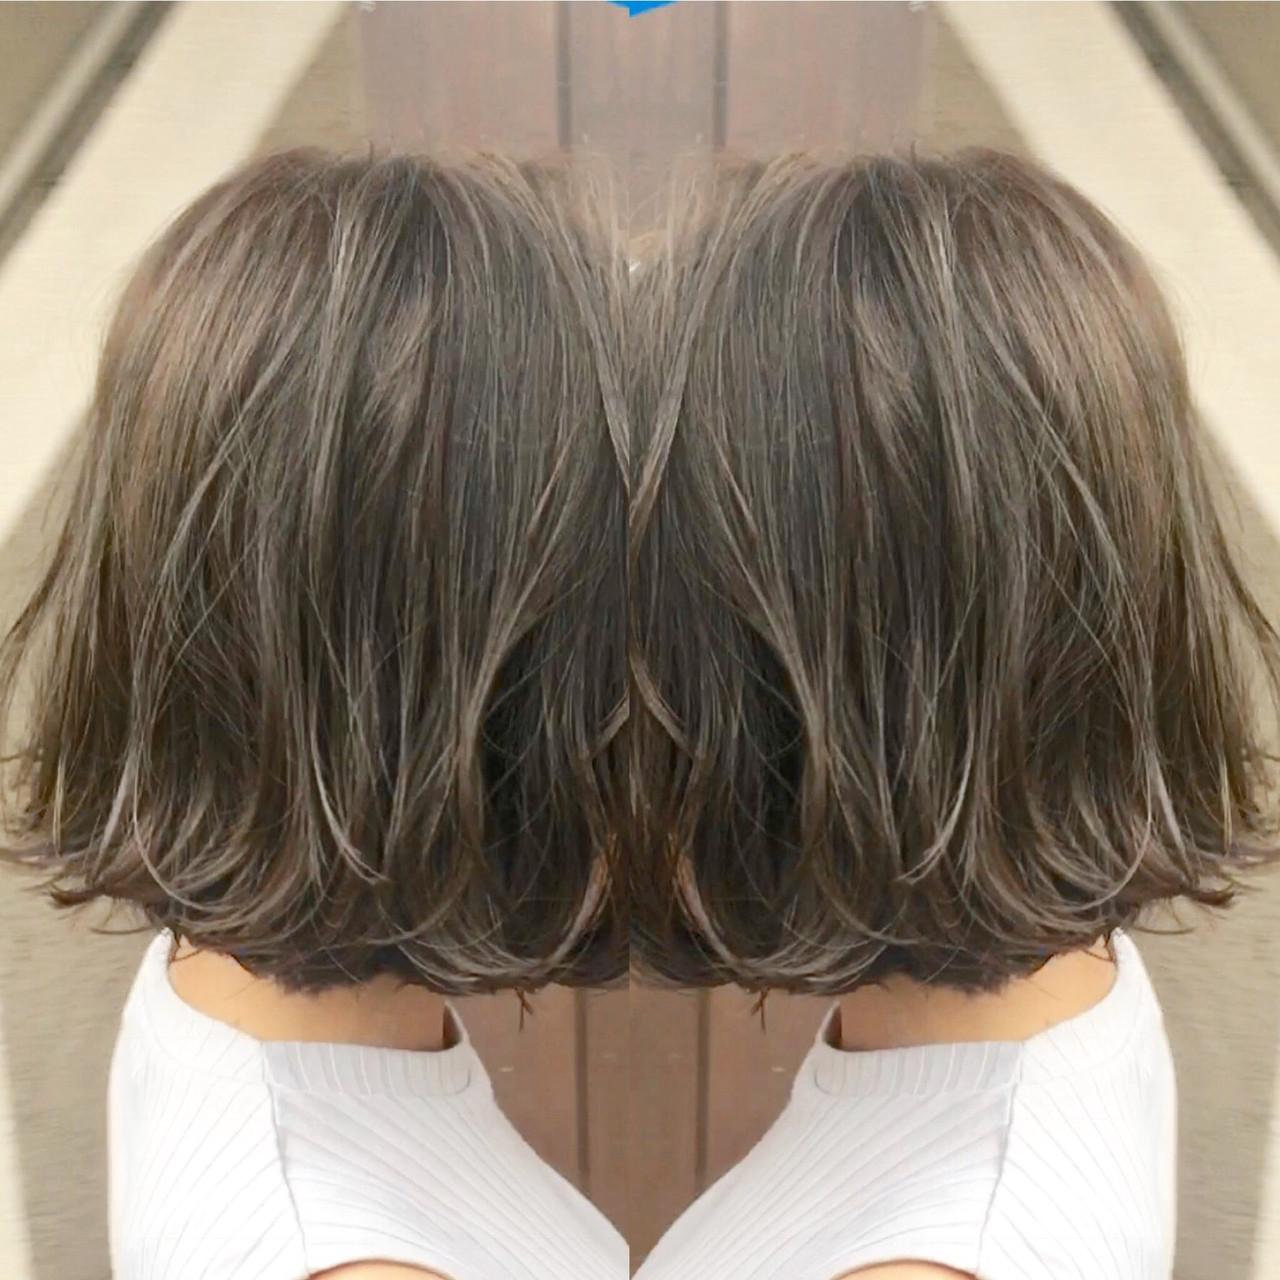 ナチュラル 切りっぱなしボブ 地毛風カラー ショートボブヘアスタイルや髪型の写真・画像